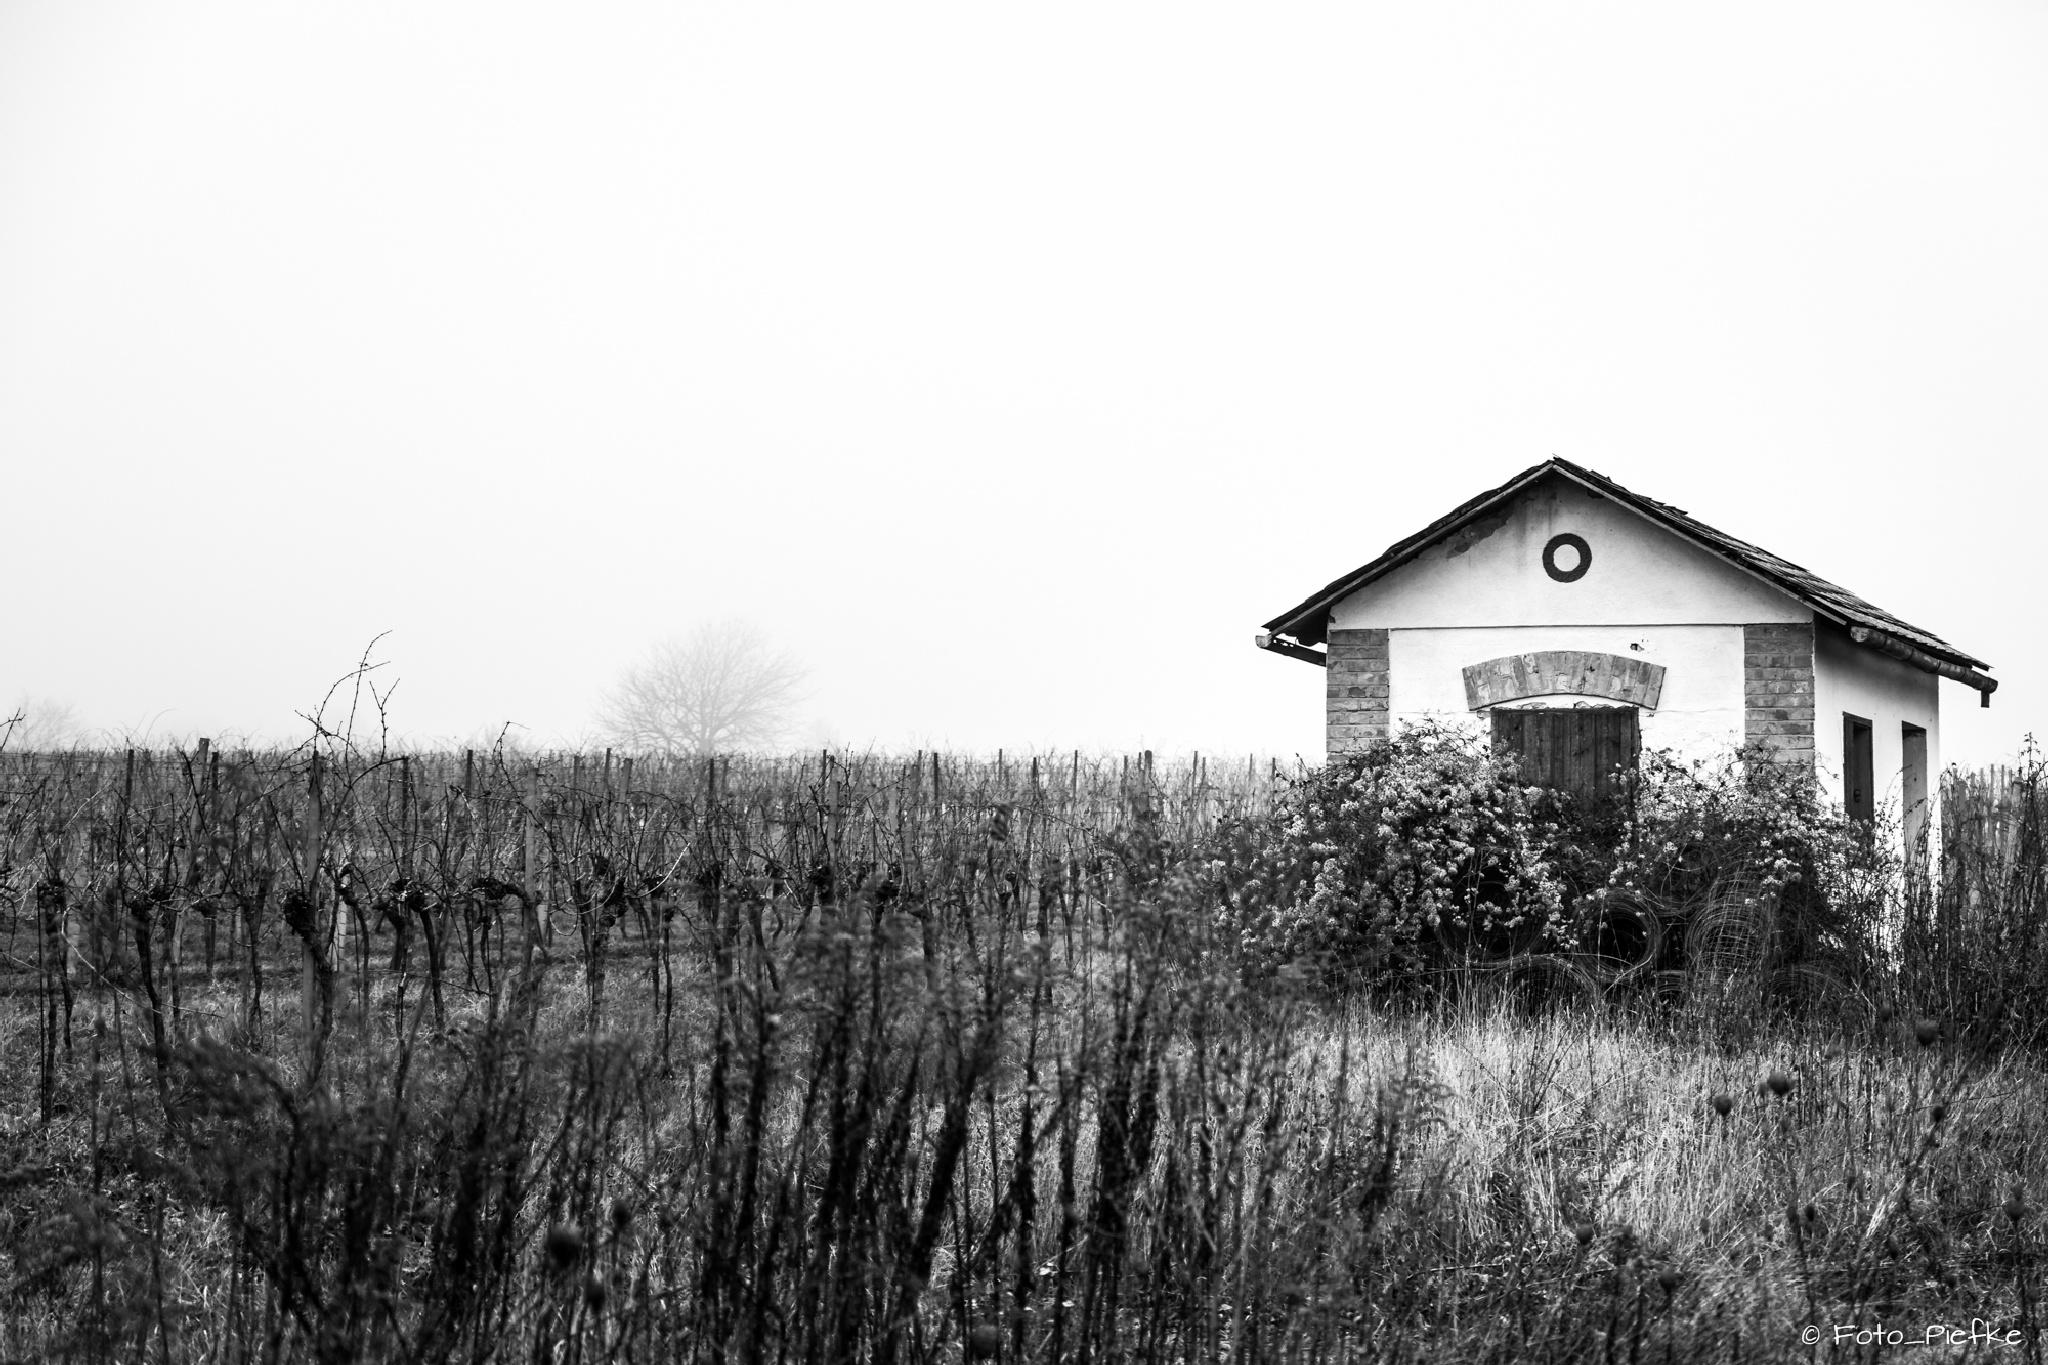 Hut in Vienna's wineyards by foto_piefke